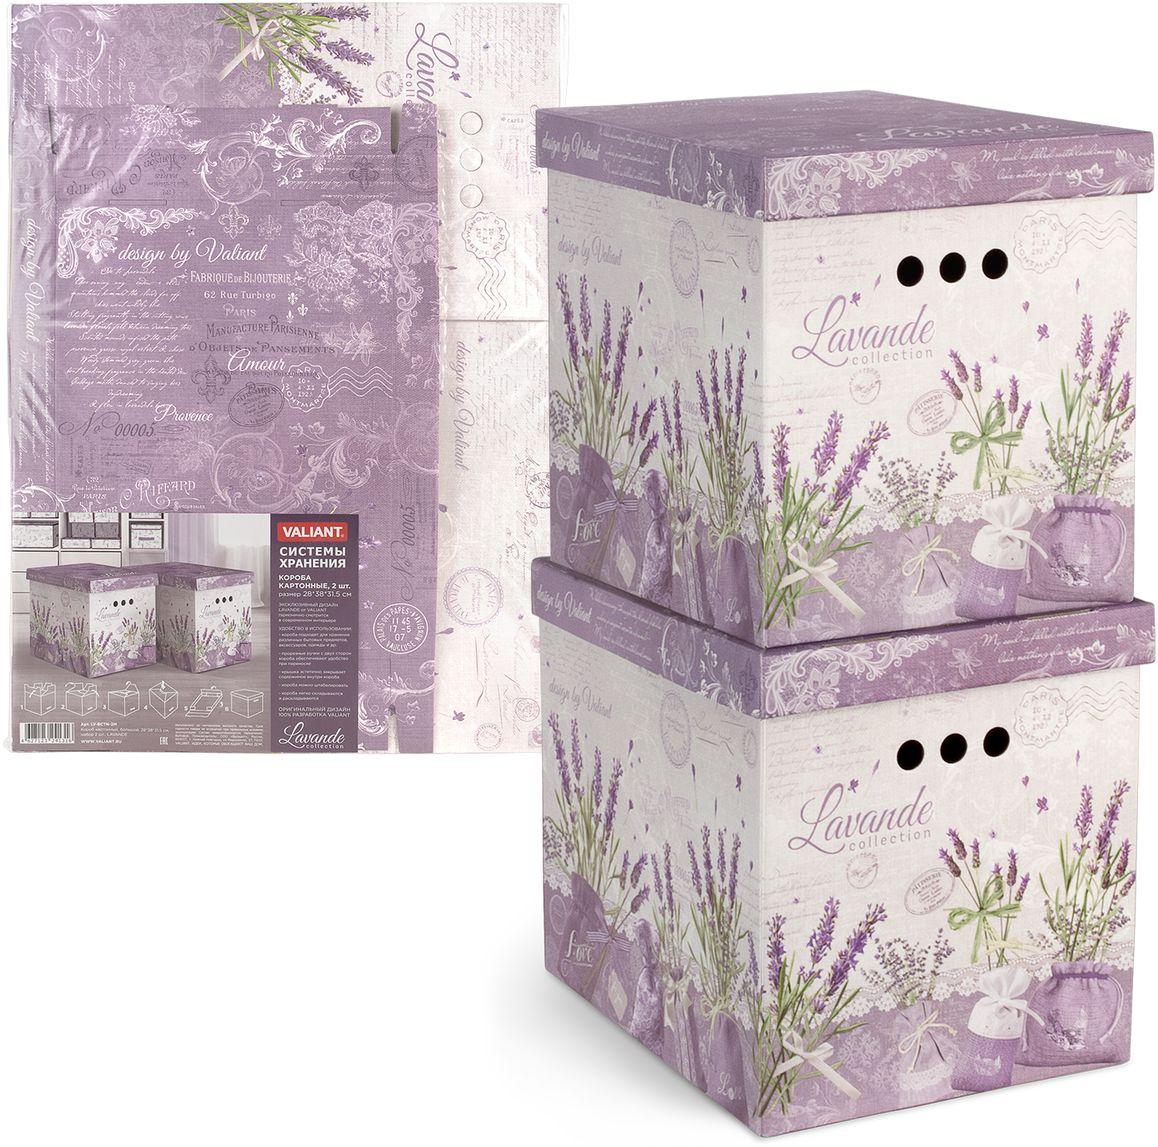 Набор коробок Valiant Lavande, складных, 28 х 38 х 31,5 см, 2 штLV-BCTN-2MЛегкие и прочные коробки Valiant Lavande, выполненные из картона, оформлены цветочным принтом. В комплект входят две коробки. Короба подходят для хранения различных бытовых предметов, аксессуаров, одежды и др. Прорезные ручки с двух сторон короба обеспечивают удобство при переноске. Крышка эстетично закрывает содержимое внутри короба. Короба можно штабилировать. Короба легко складываются и раскладываются.Благодаря вместительности коробок вы сможете сэкономить место в вашем доме, и все вещи всегда будут в порядке.